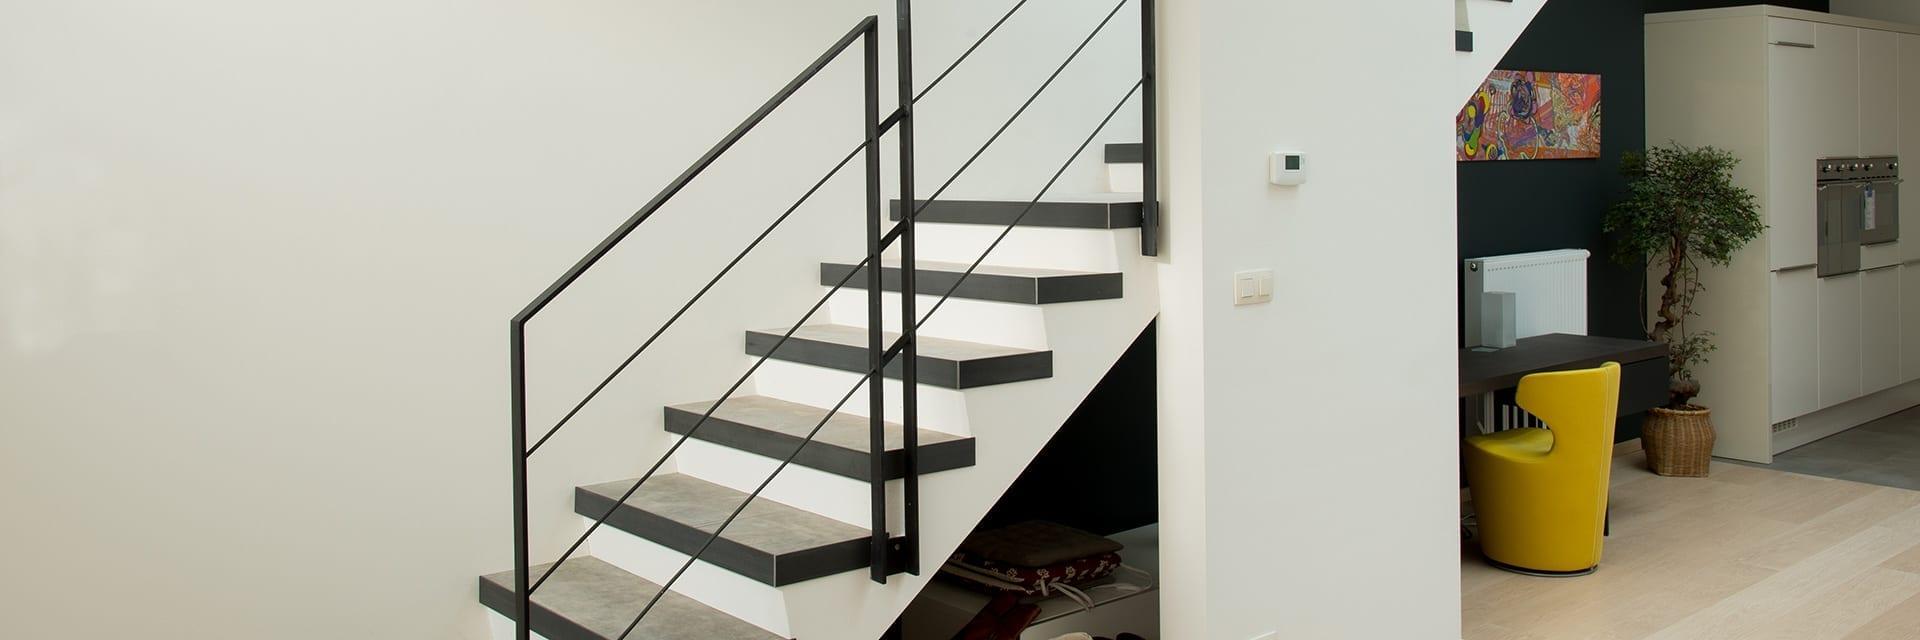 Rampe D Escalier Murale Bois changez votre rampe d'escalier, c'est facile et design